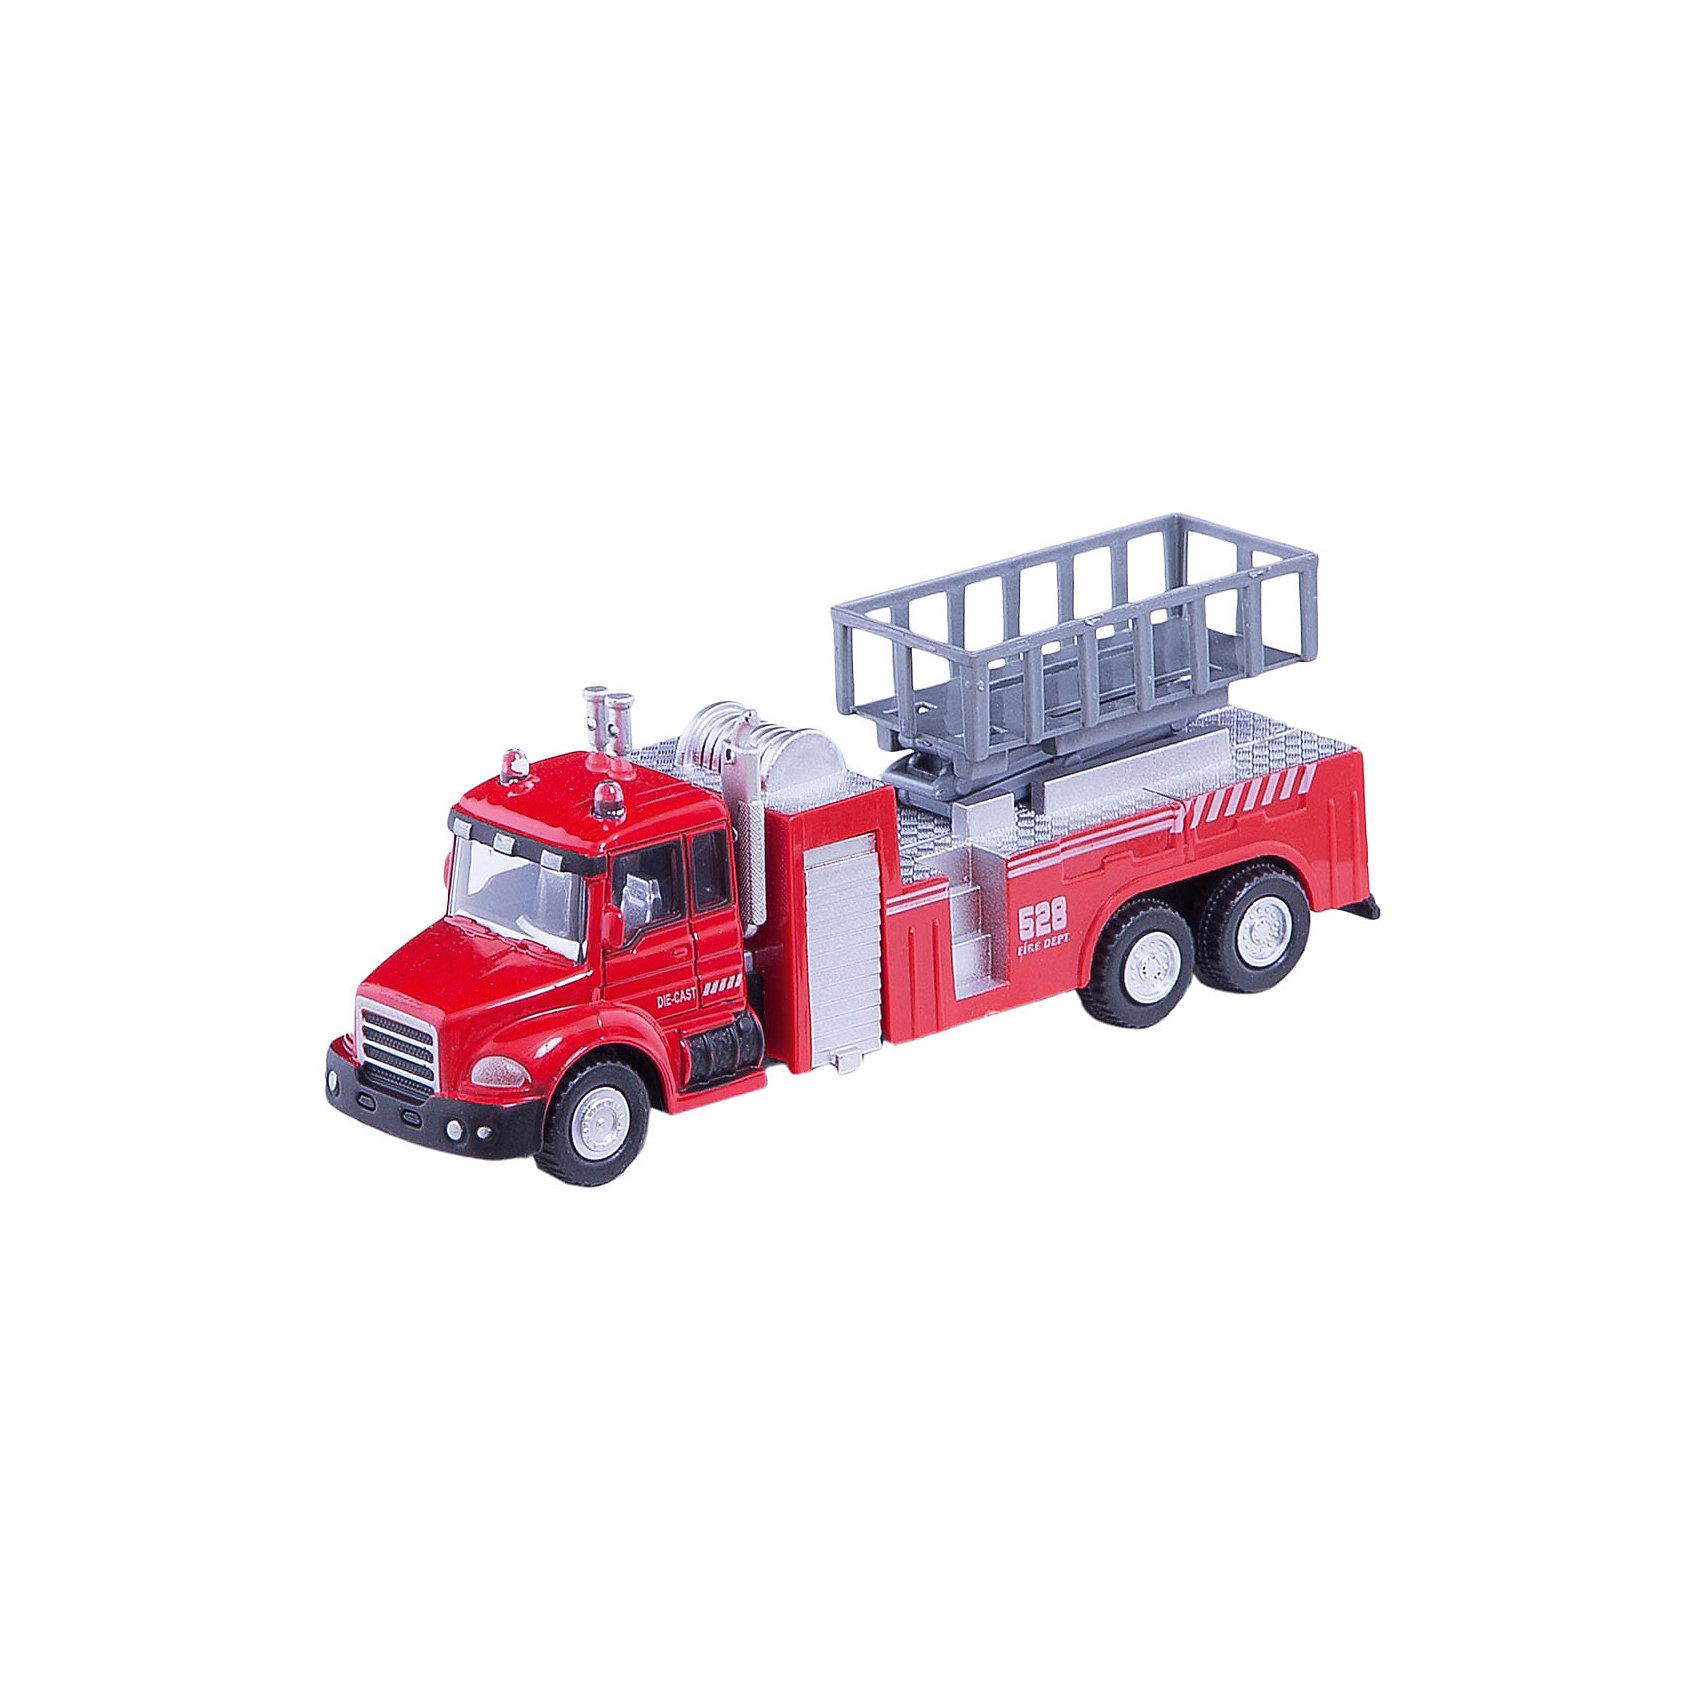 Машинка Lift Fire Truck пожарная, с подъемником 1:48, AutotimeМашинки<br><br><br>Ширина мм: 165<br>Глубина мм: 57<br>Высота мм: 75<br>Вес г: 13<br>Возраст от месяцев: 36<br>Возраст до месяцев: 2147483647<br>Пол: Мужской<br>Возраст: Детский<br>SKU: 5584052